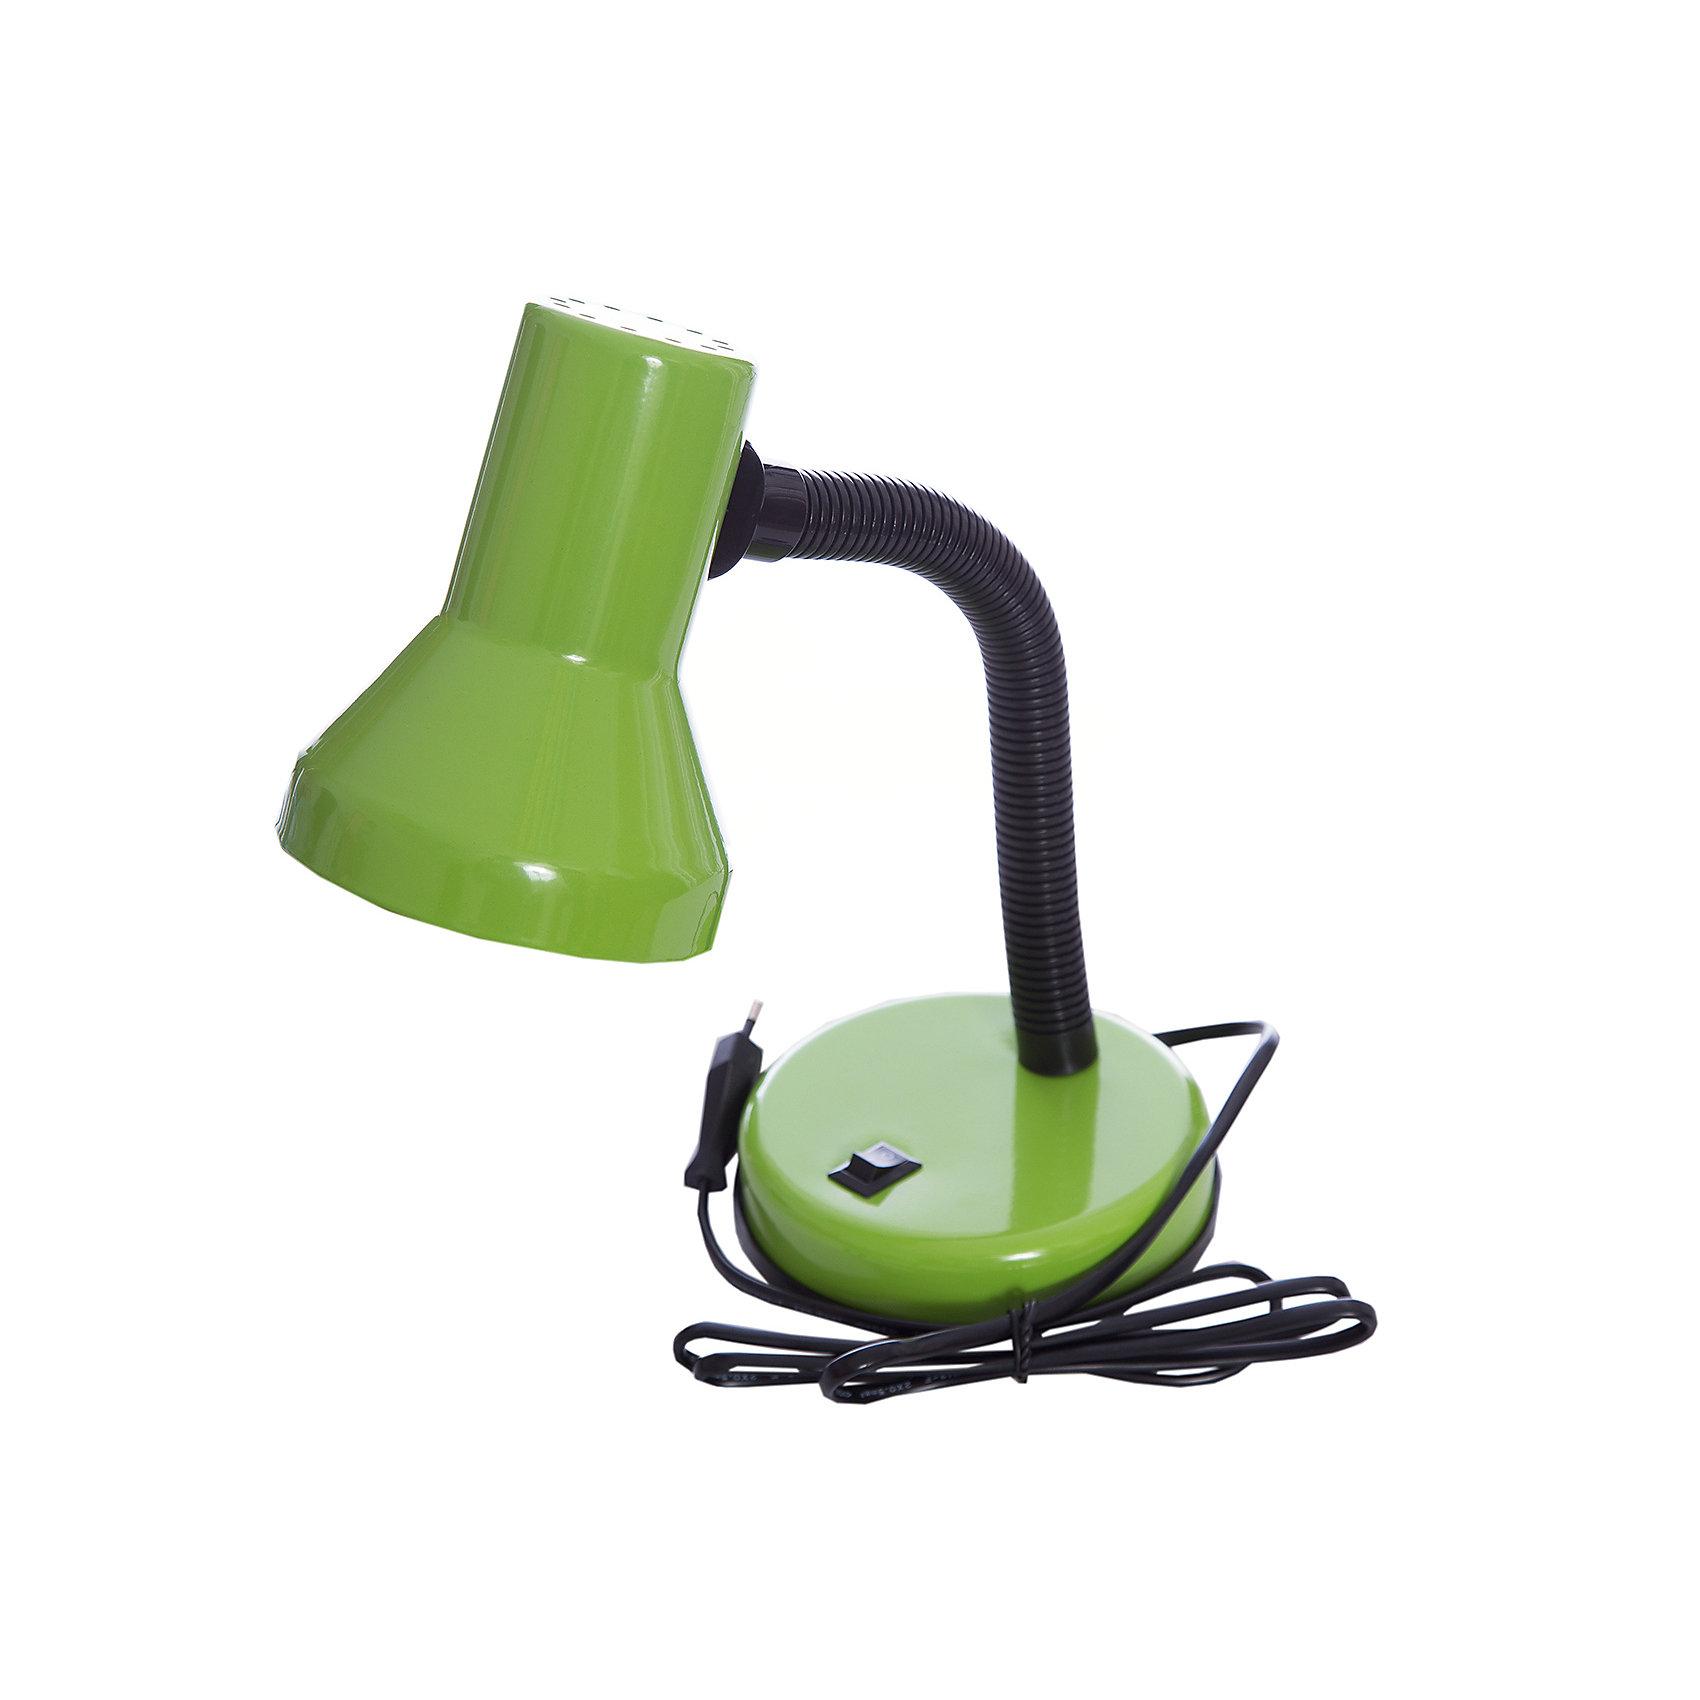 Energy Лампа электрическая настольная EN-DL04 -2, Energy, зеленый diasonic dl 60bsh настольная лампа black